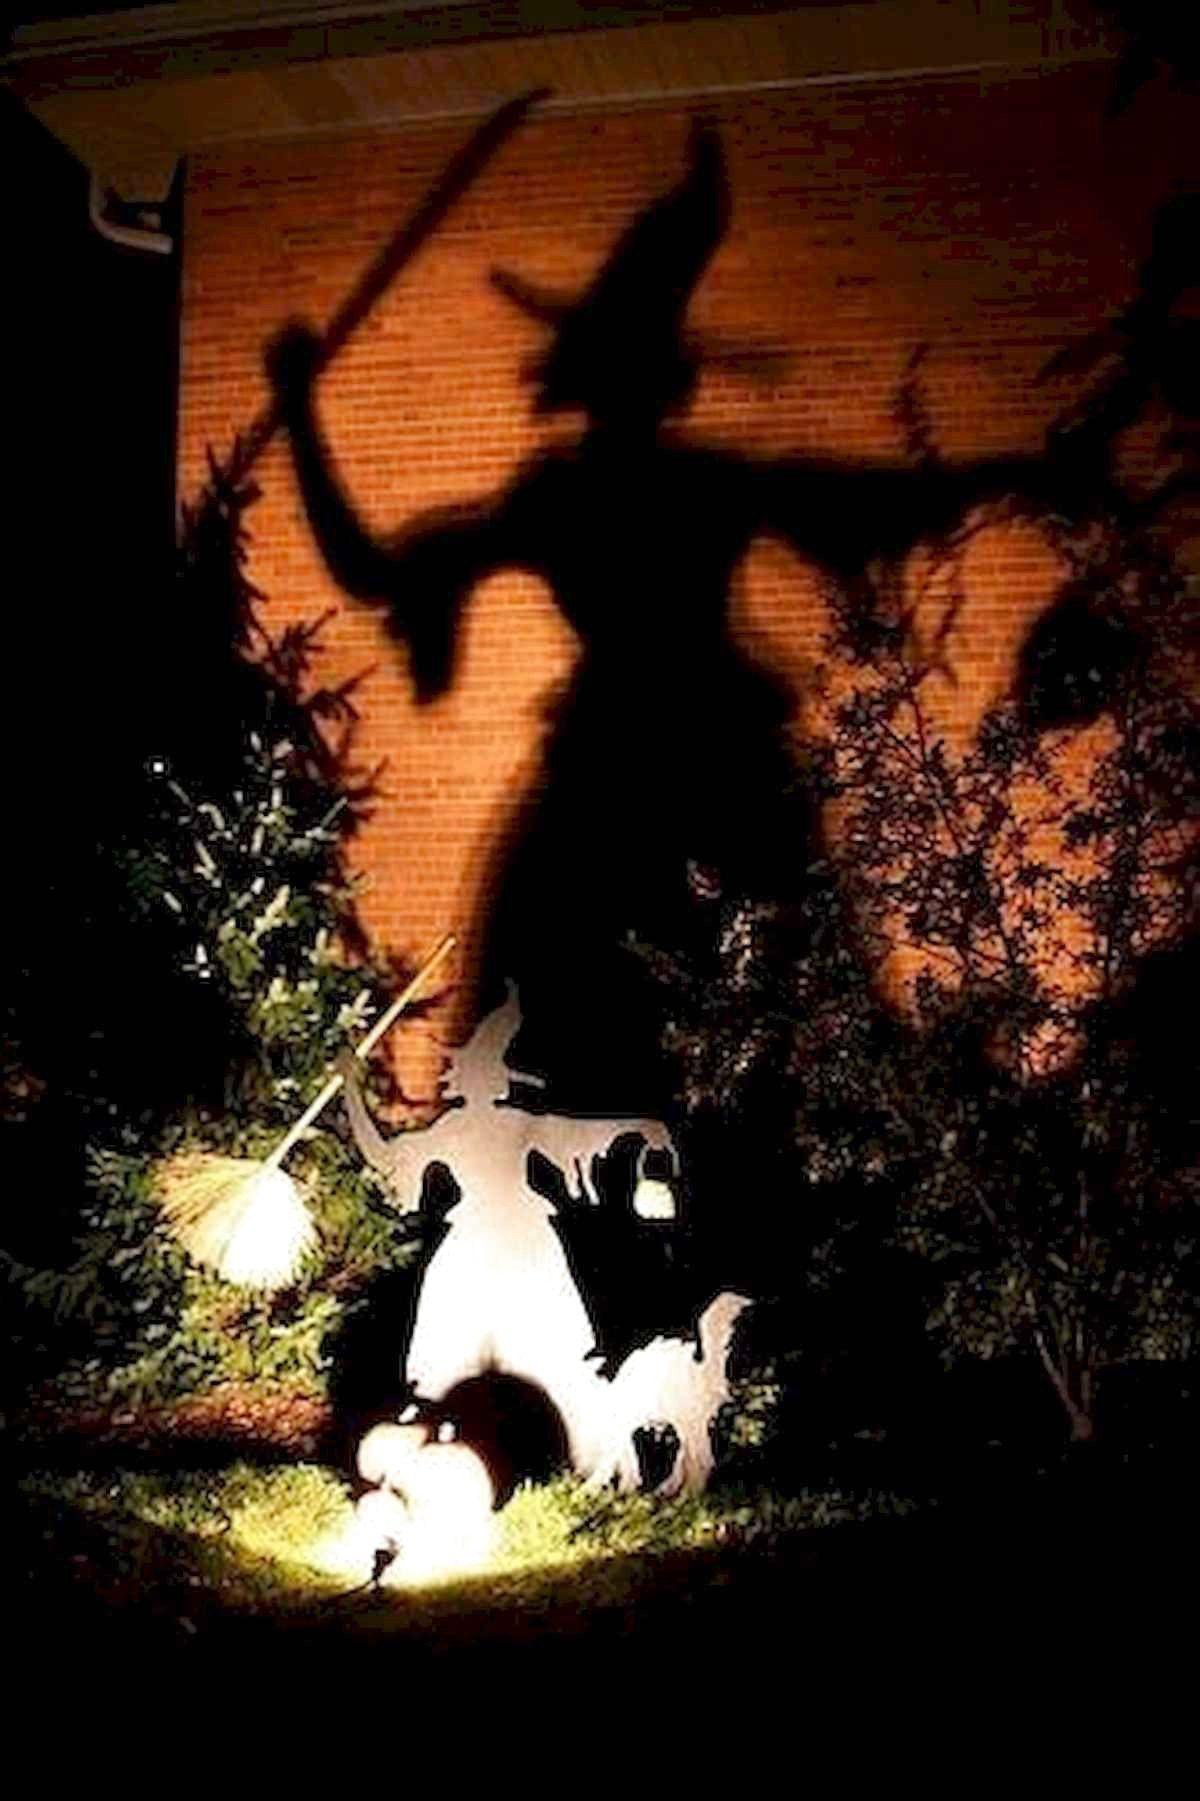 73 Favourite Halloween Party Decor Ideas #HalloweenIdeas